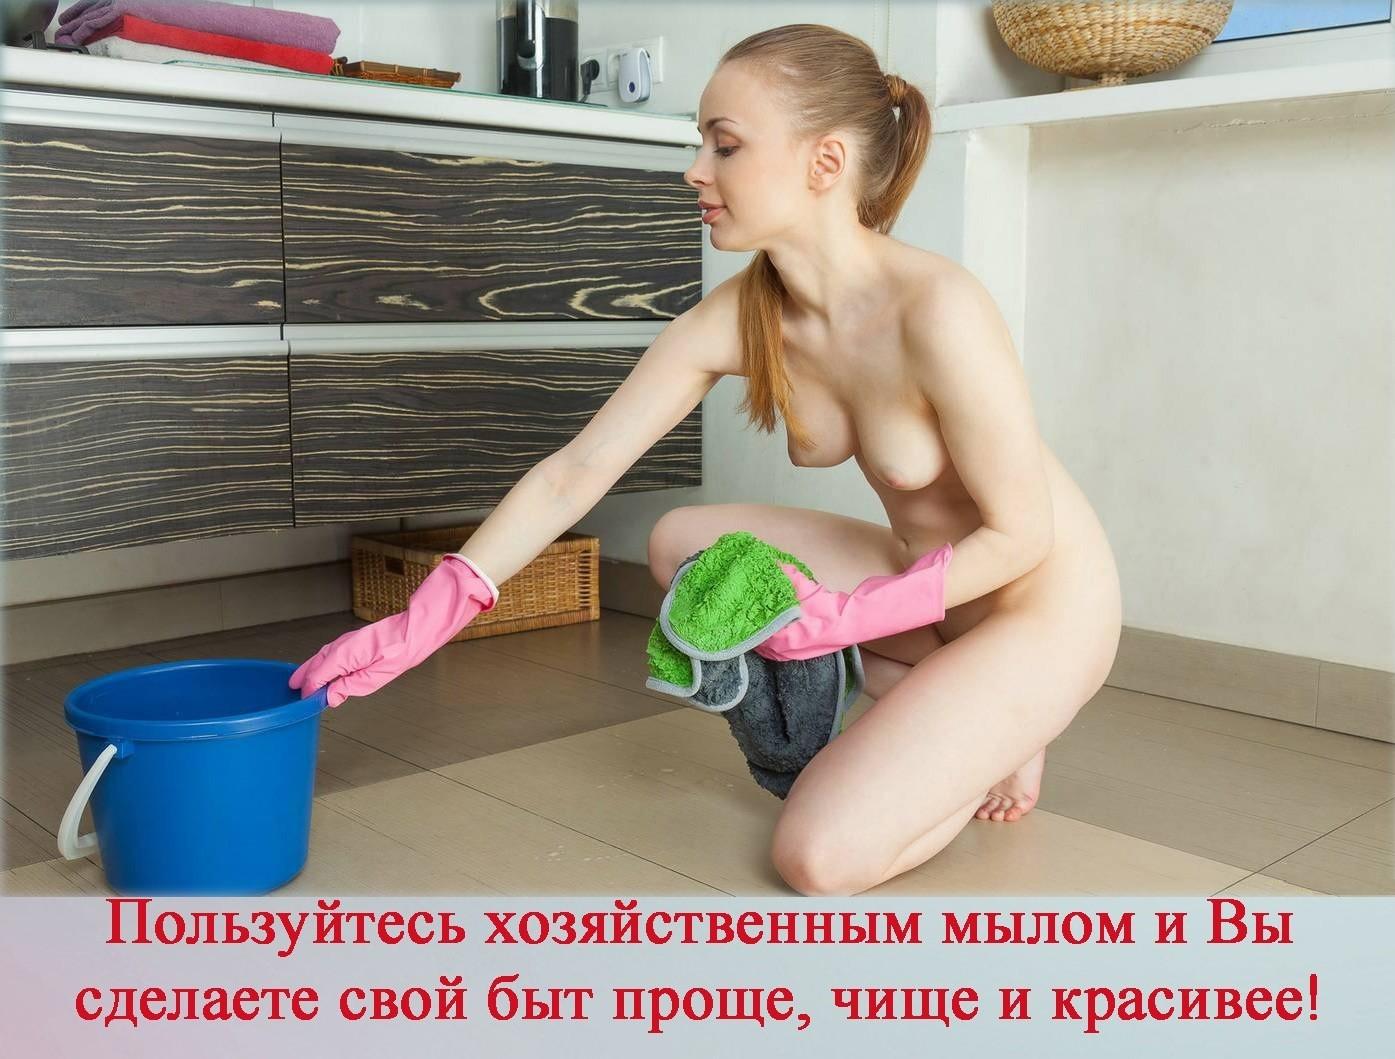 drochit-golaya-moet-pol-porno-onlayn-nozhki